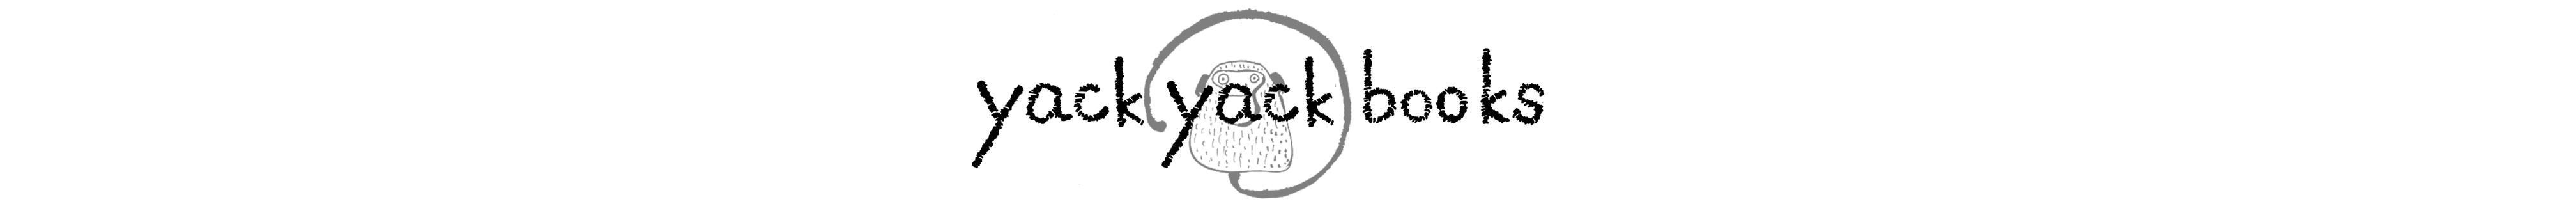 yack yack books